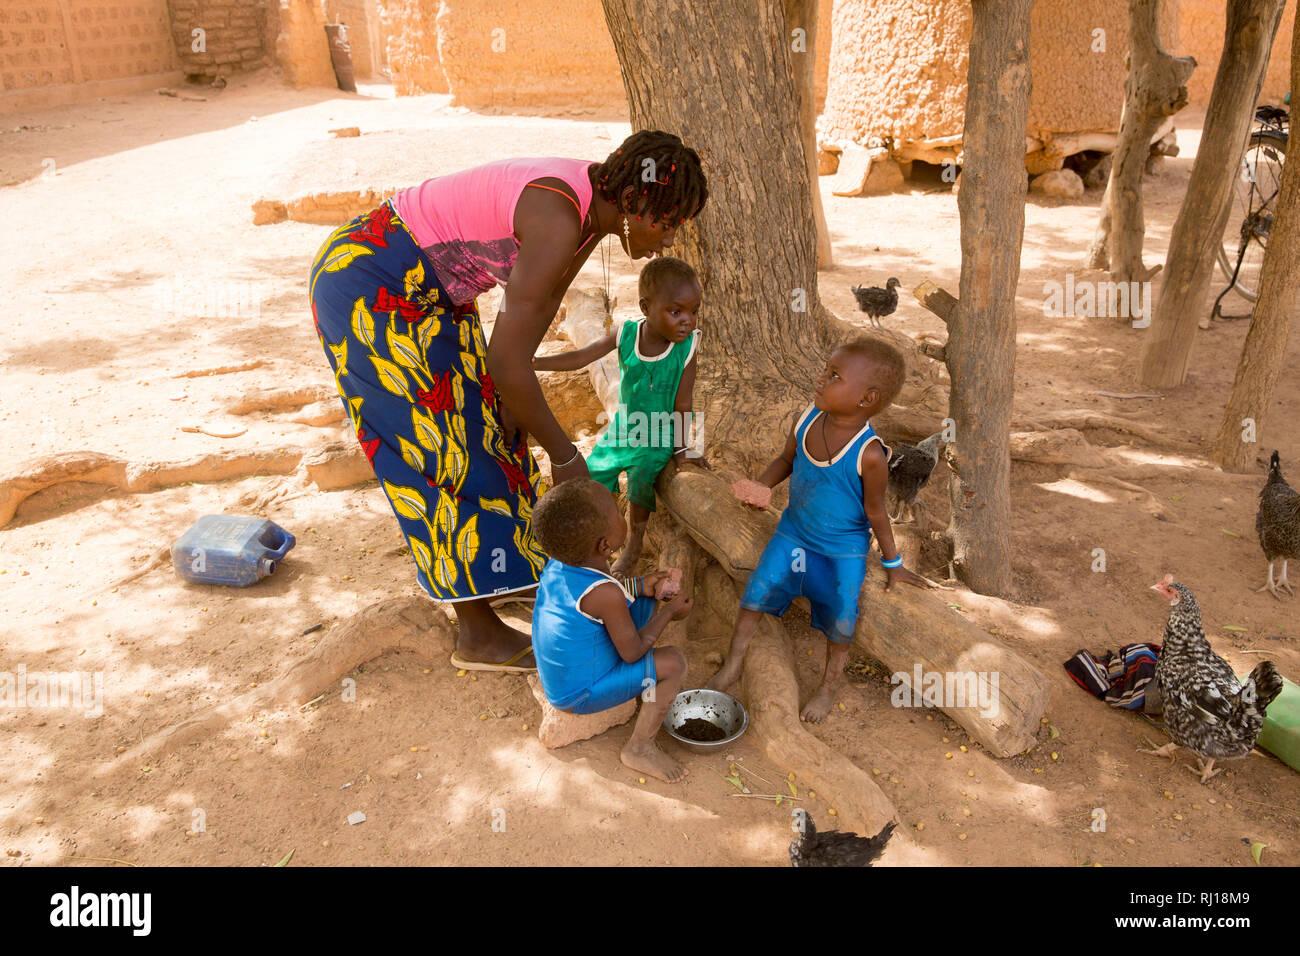 Samba village, Yako Province, Burkina Faso; Salamata Zoundi, 27, with her tiplets Christelle,  Christine and Christophe, aged 2. Stock Photo